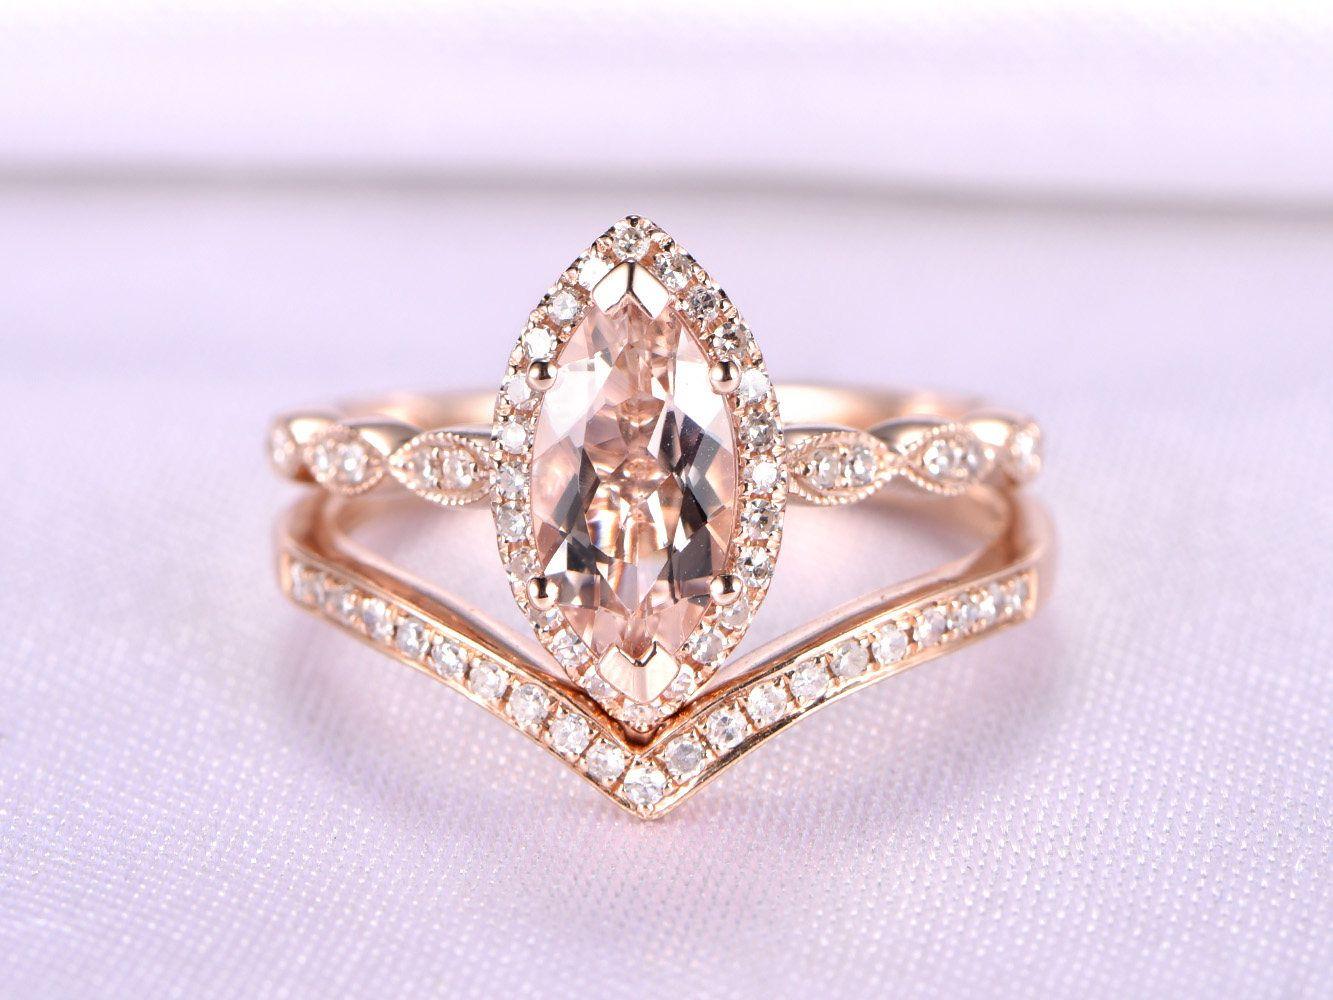 Morganite Ring Set Pink Morganite Engagement Ring 10x5mm Marquise ...